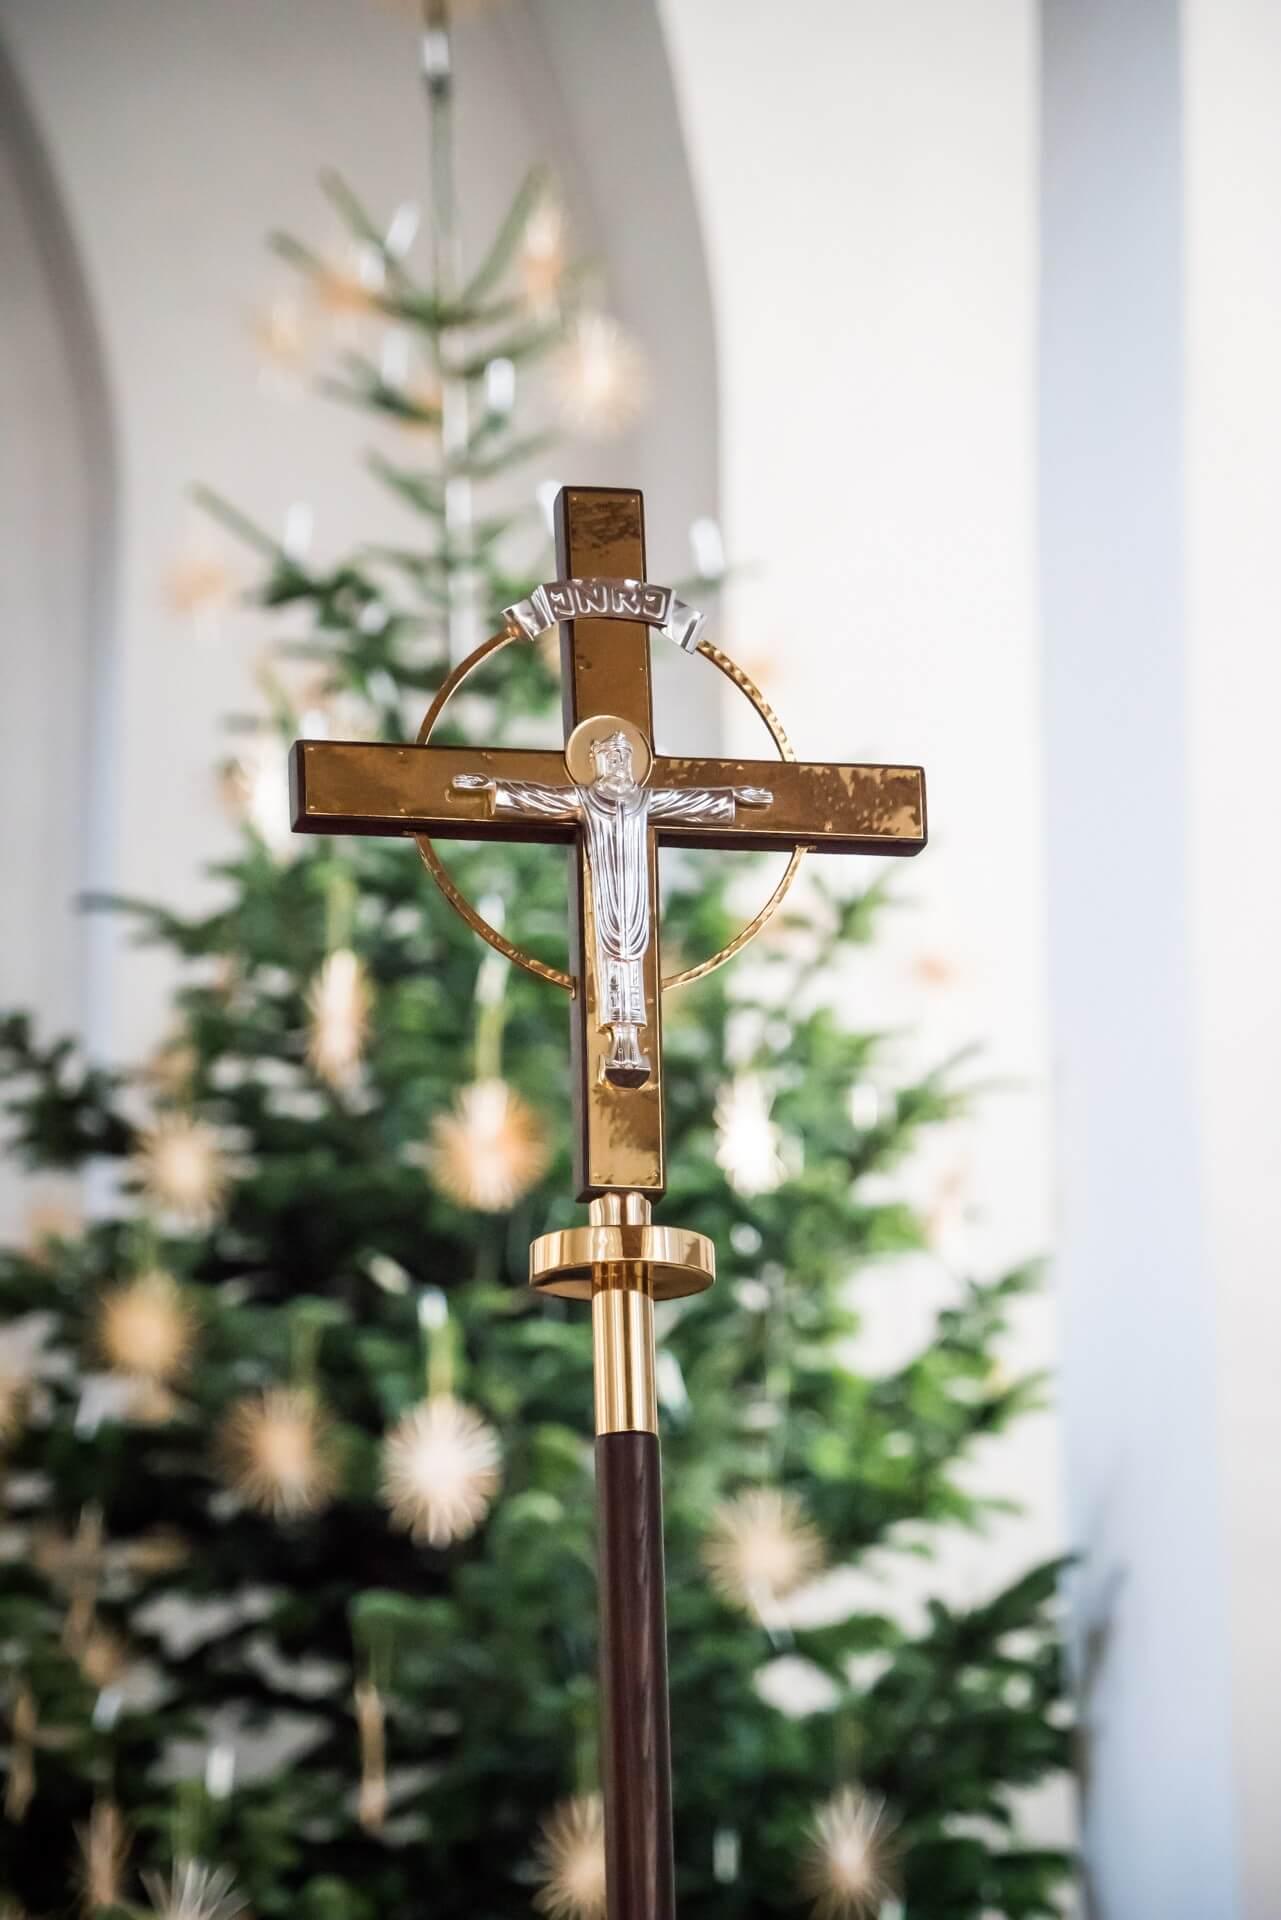 20181224-Kinderchristmette SF 2018 18_12_24_Weihnacht18_010